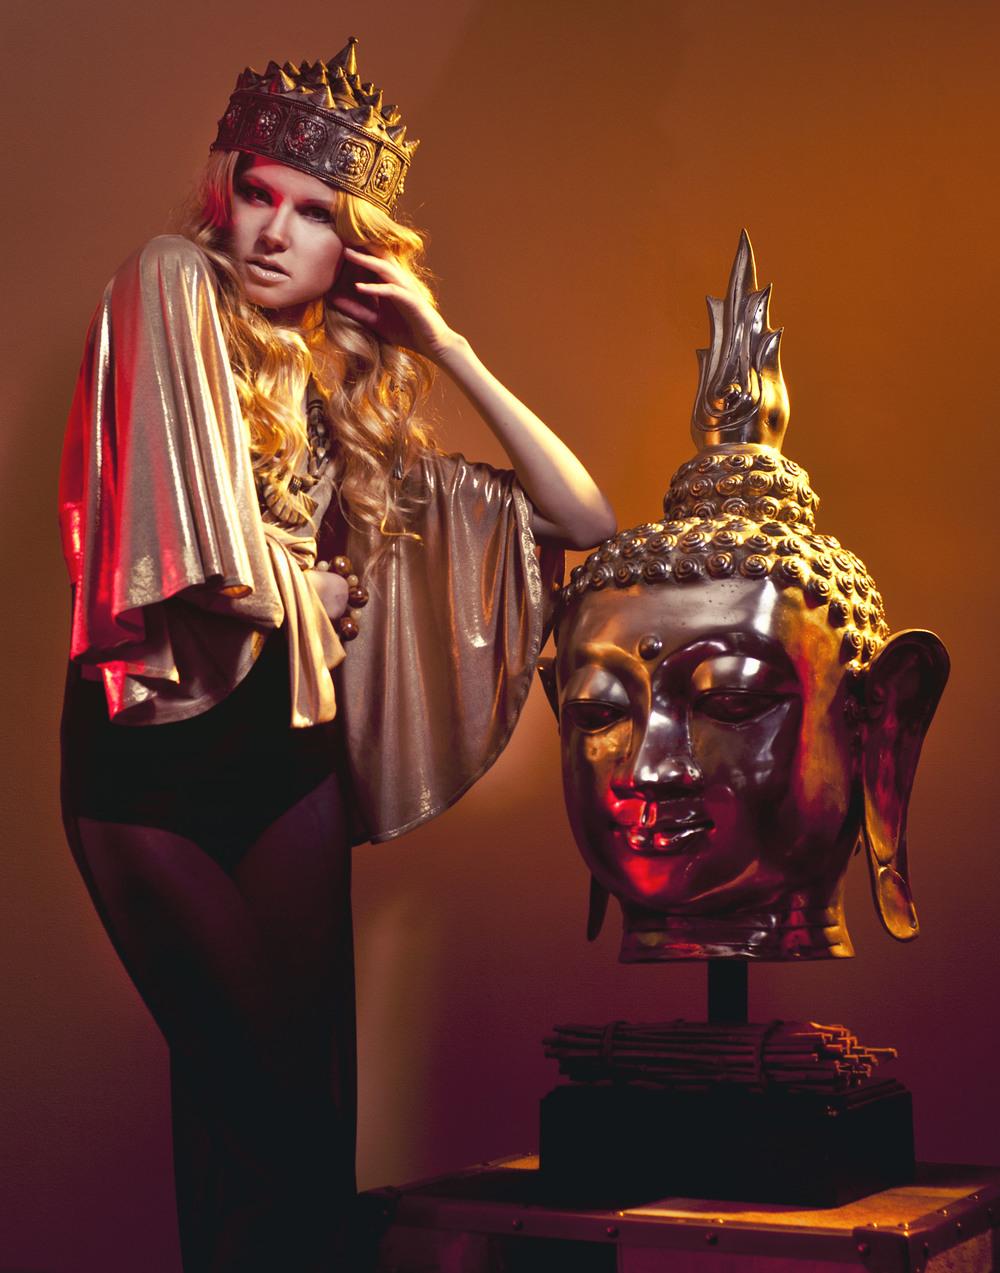 VEUX Magazine by Benjo Arwas